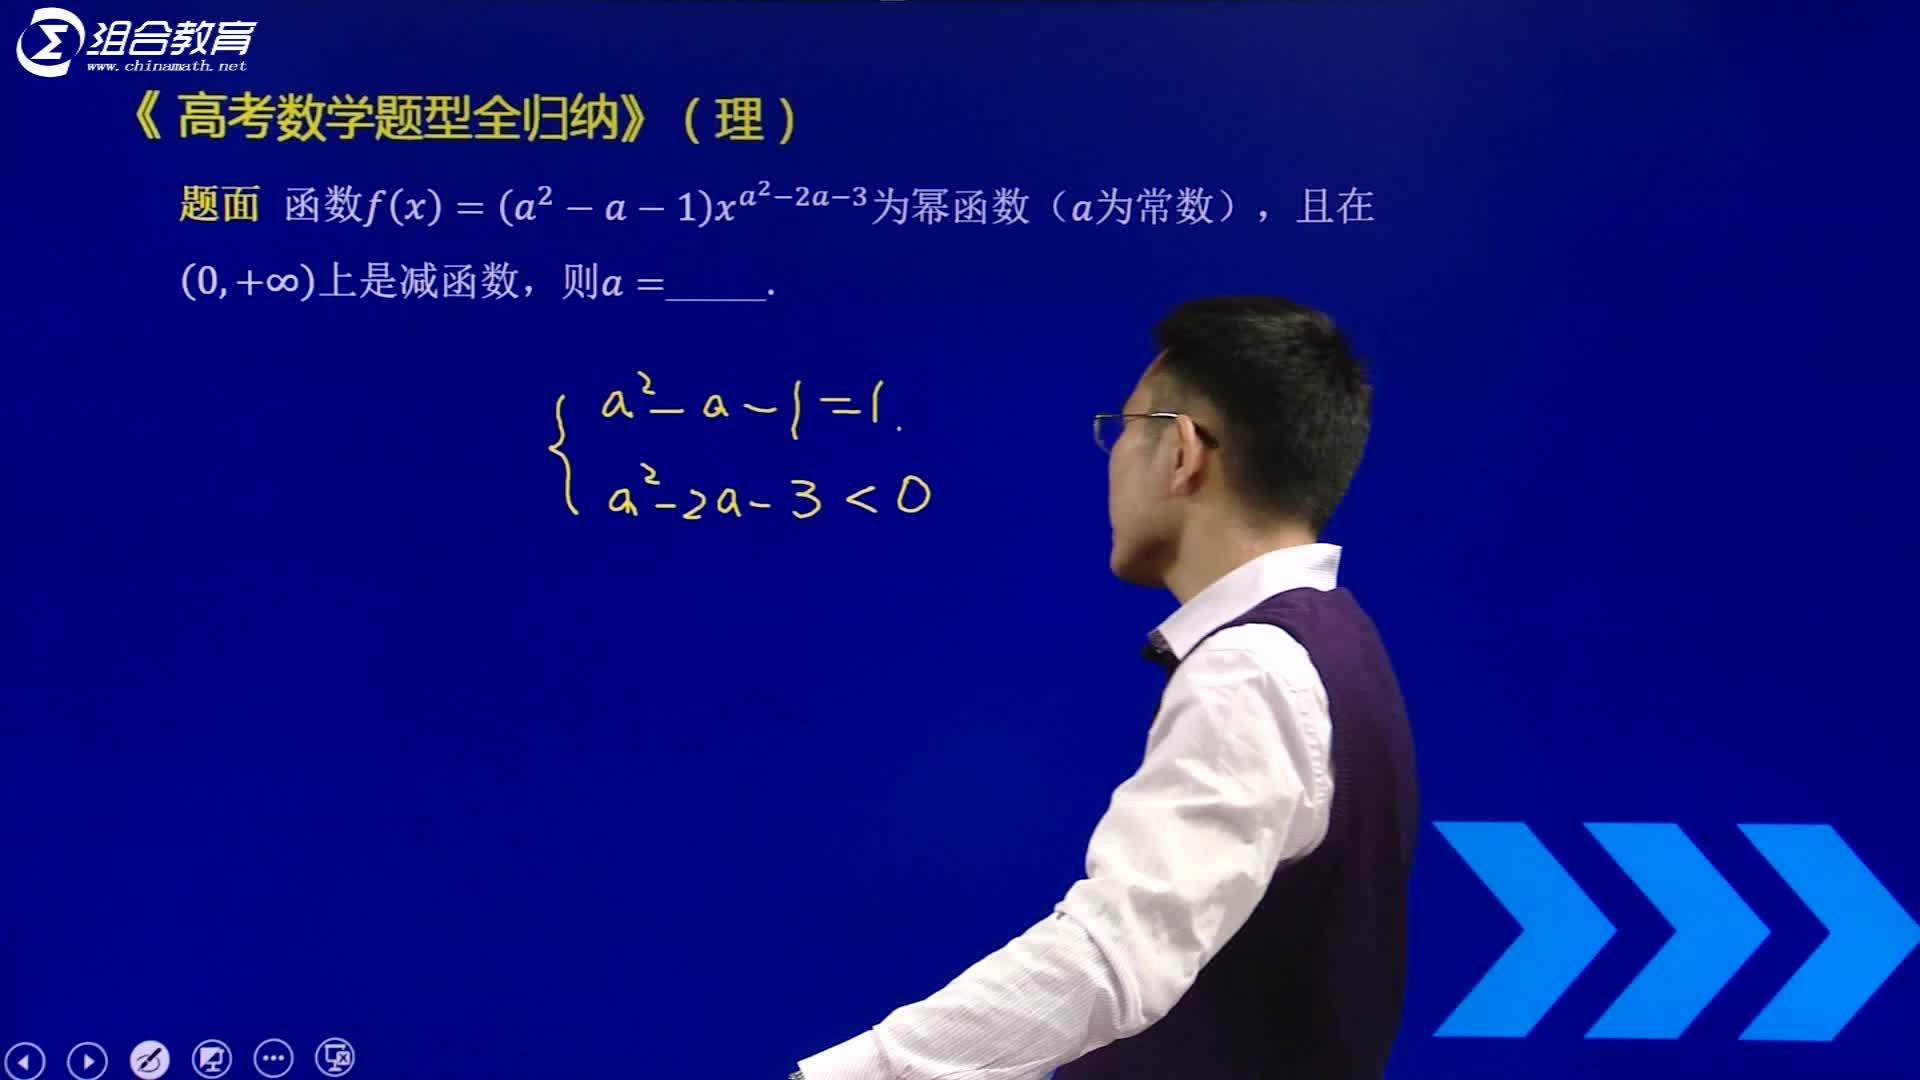 2019/6/20 星期四 16:46:22 我的电脑 2019/6/20 星期四 16:46:22 2020《高考数学题型全归纳》理科版——题型全面、解法分析透彻、变式启迪思维。轻松提高高考数学成绩。 第二章 函数 [来自e网通客户端]